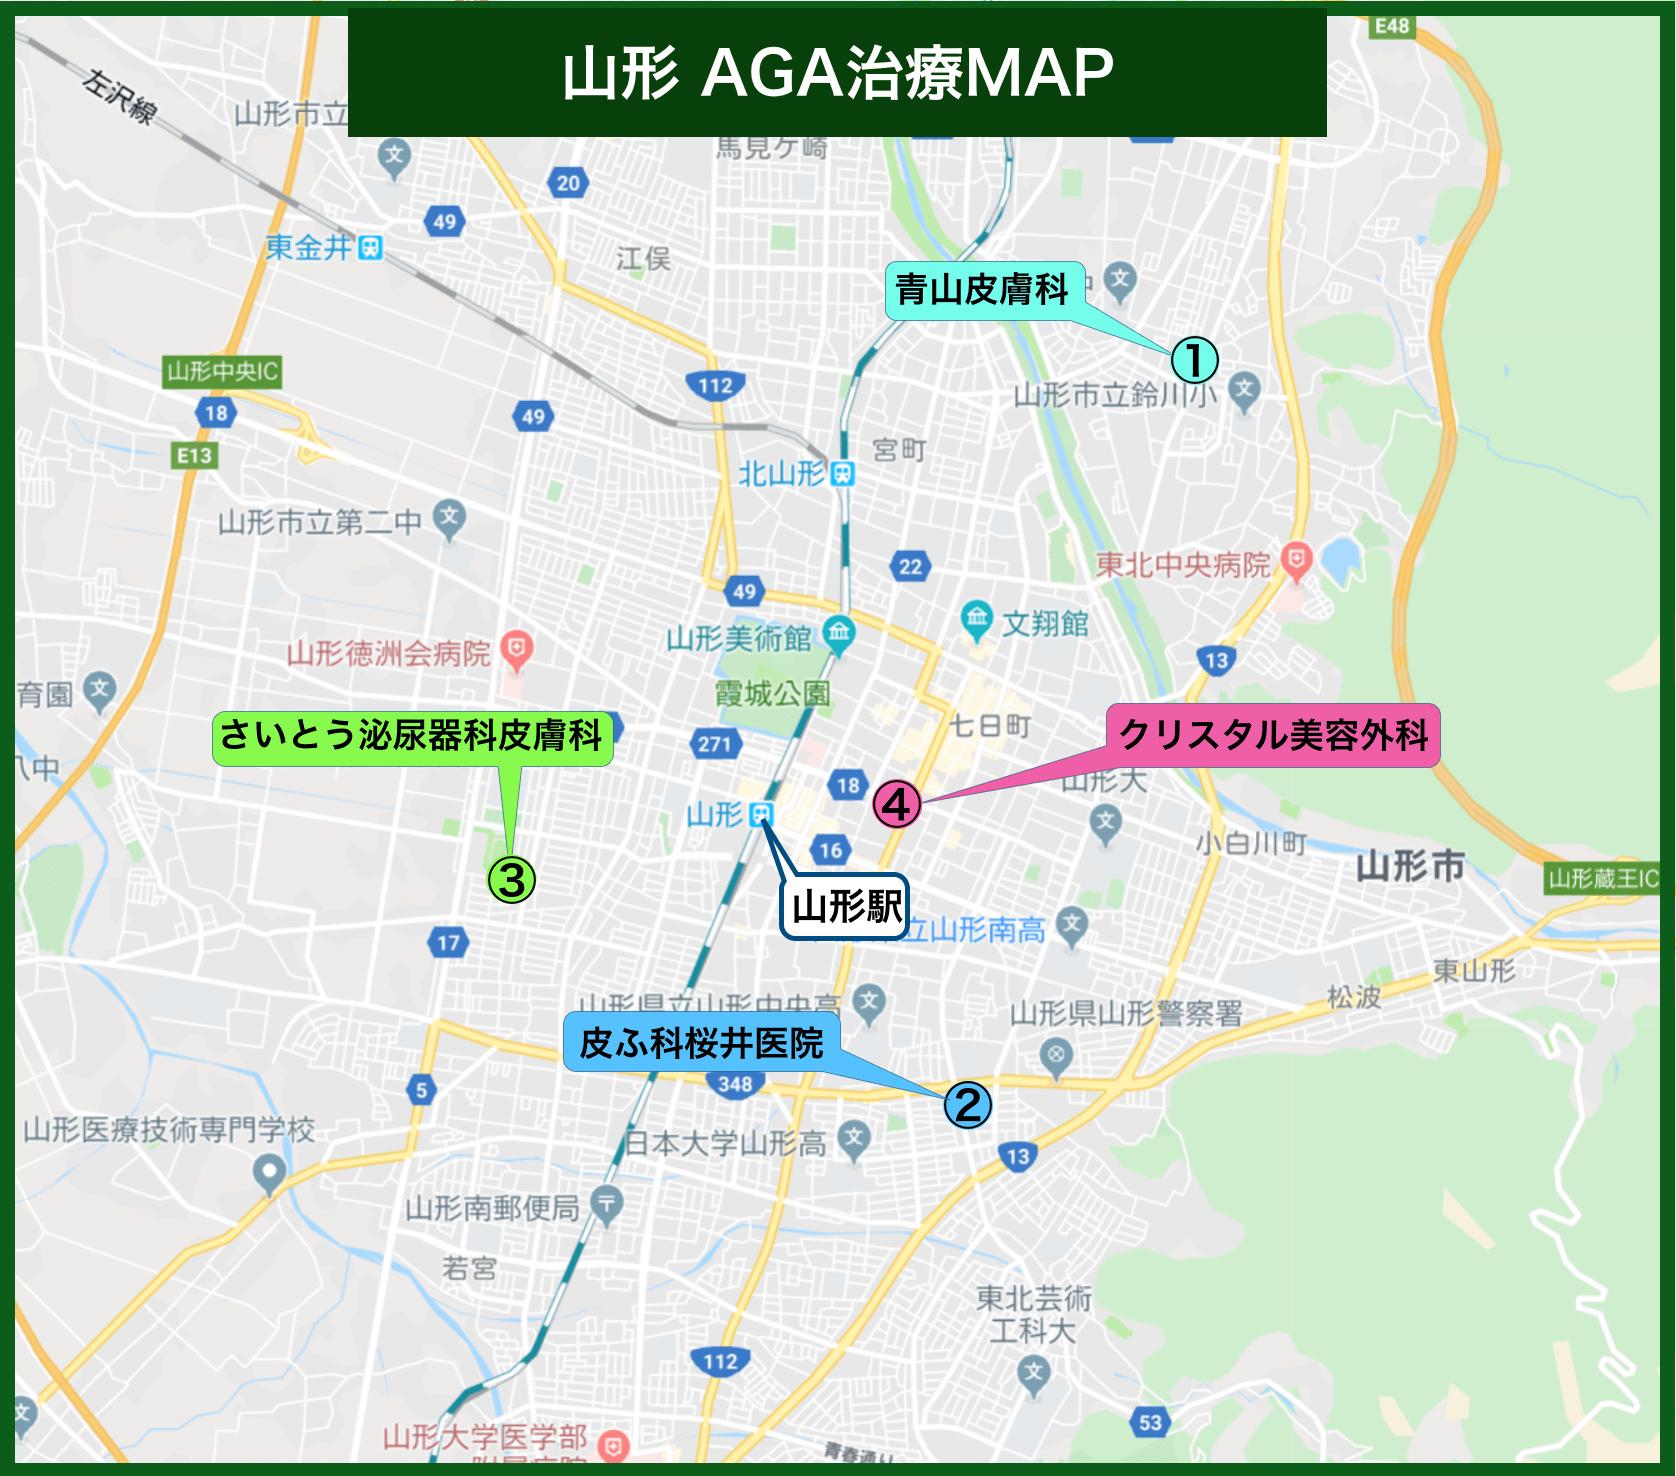 山形AGA治療MAP(2020年版)